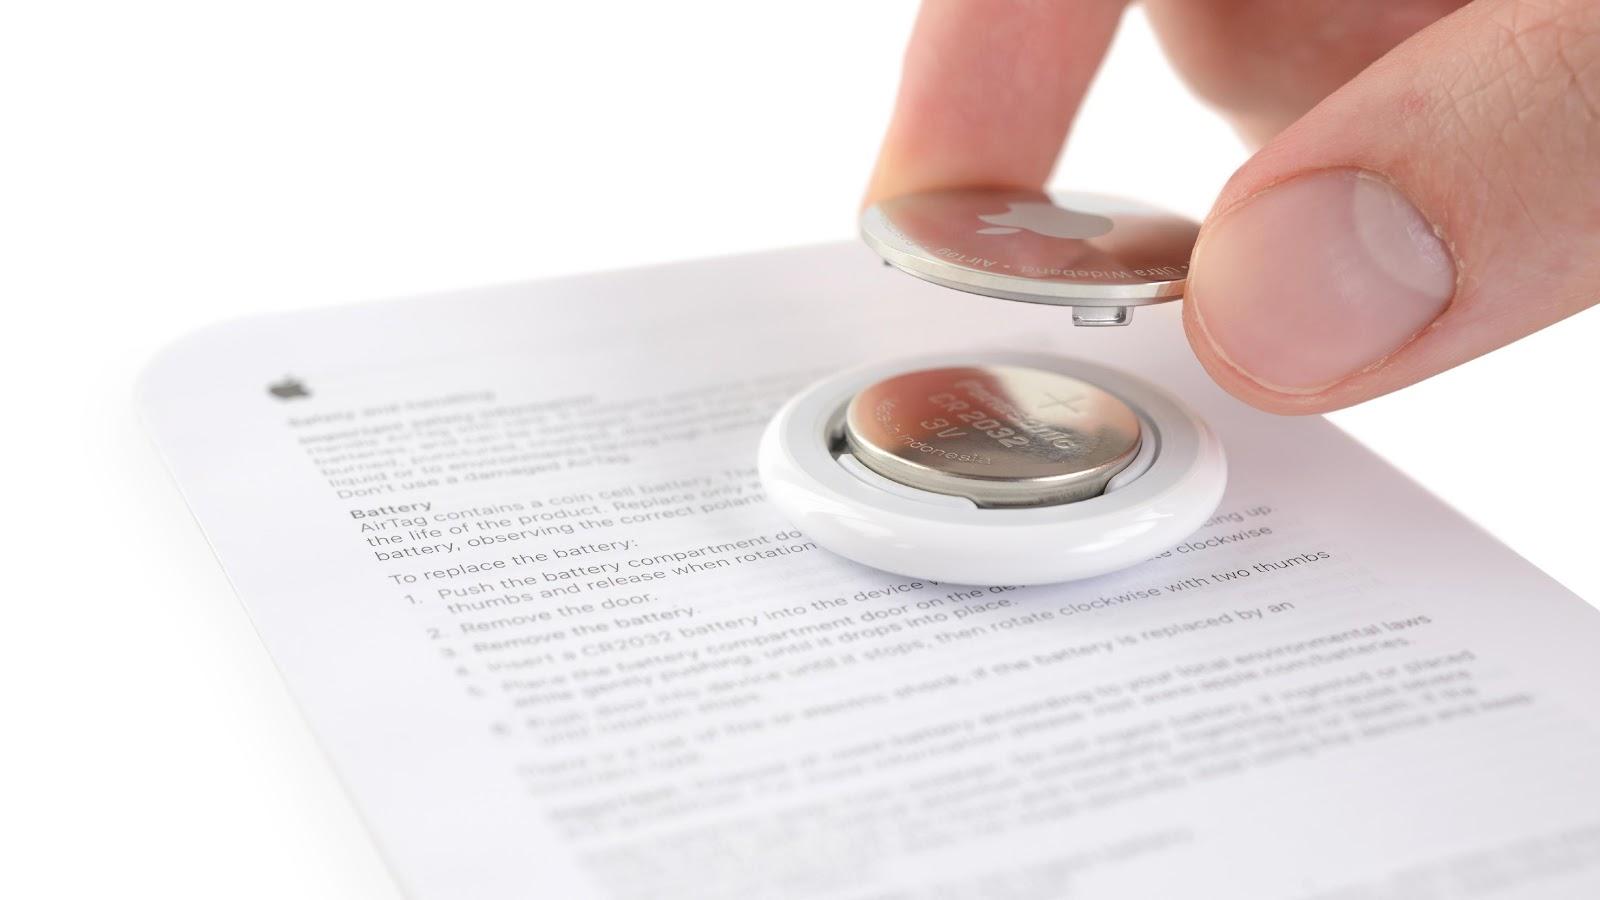 Свершилось! В продукте Apple можно самому заменить аккумулятор! По этому поводу даже составлена письменная инструкция